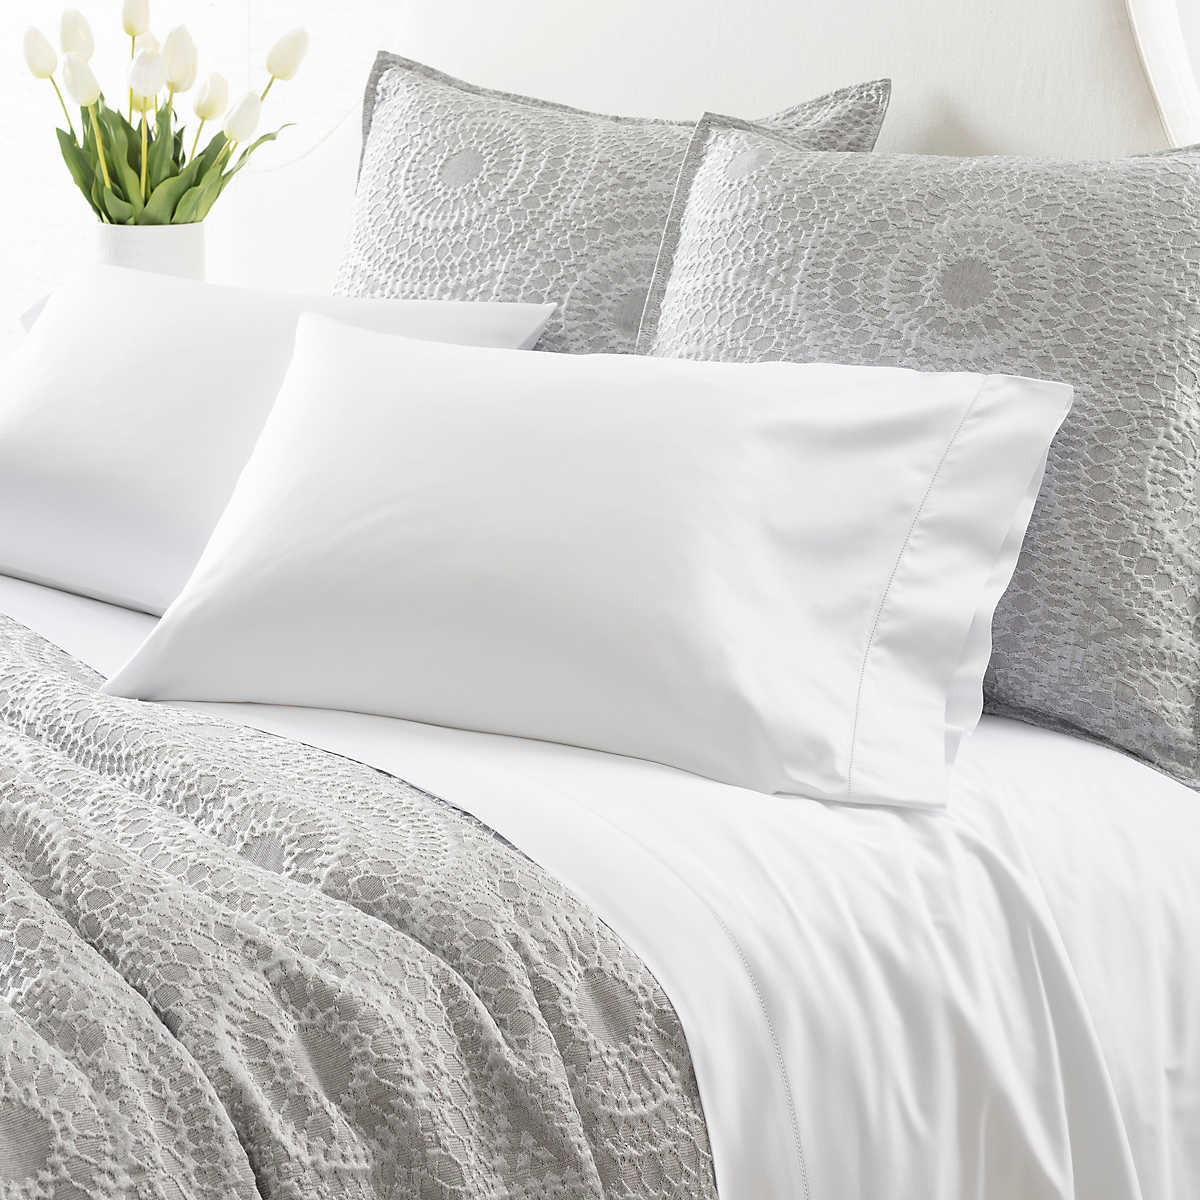 8fb4a2d022b5 Monarch Sateen White Flat Sheet | Luxe